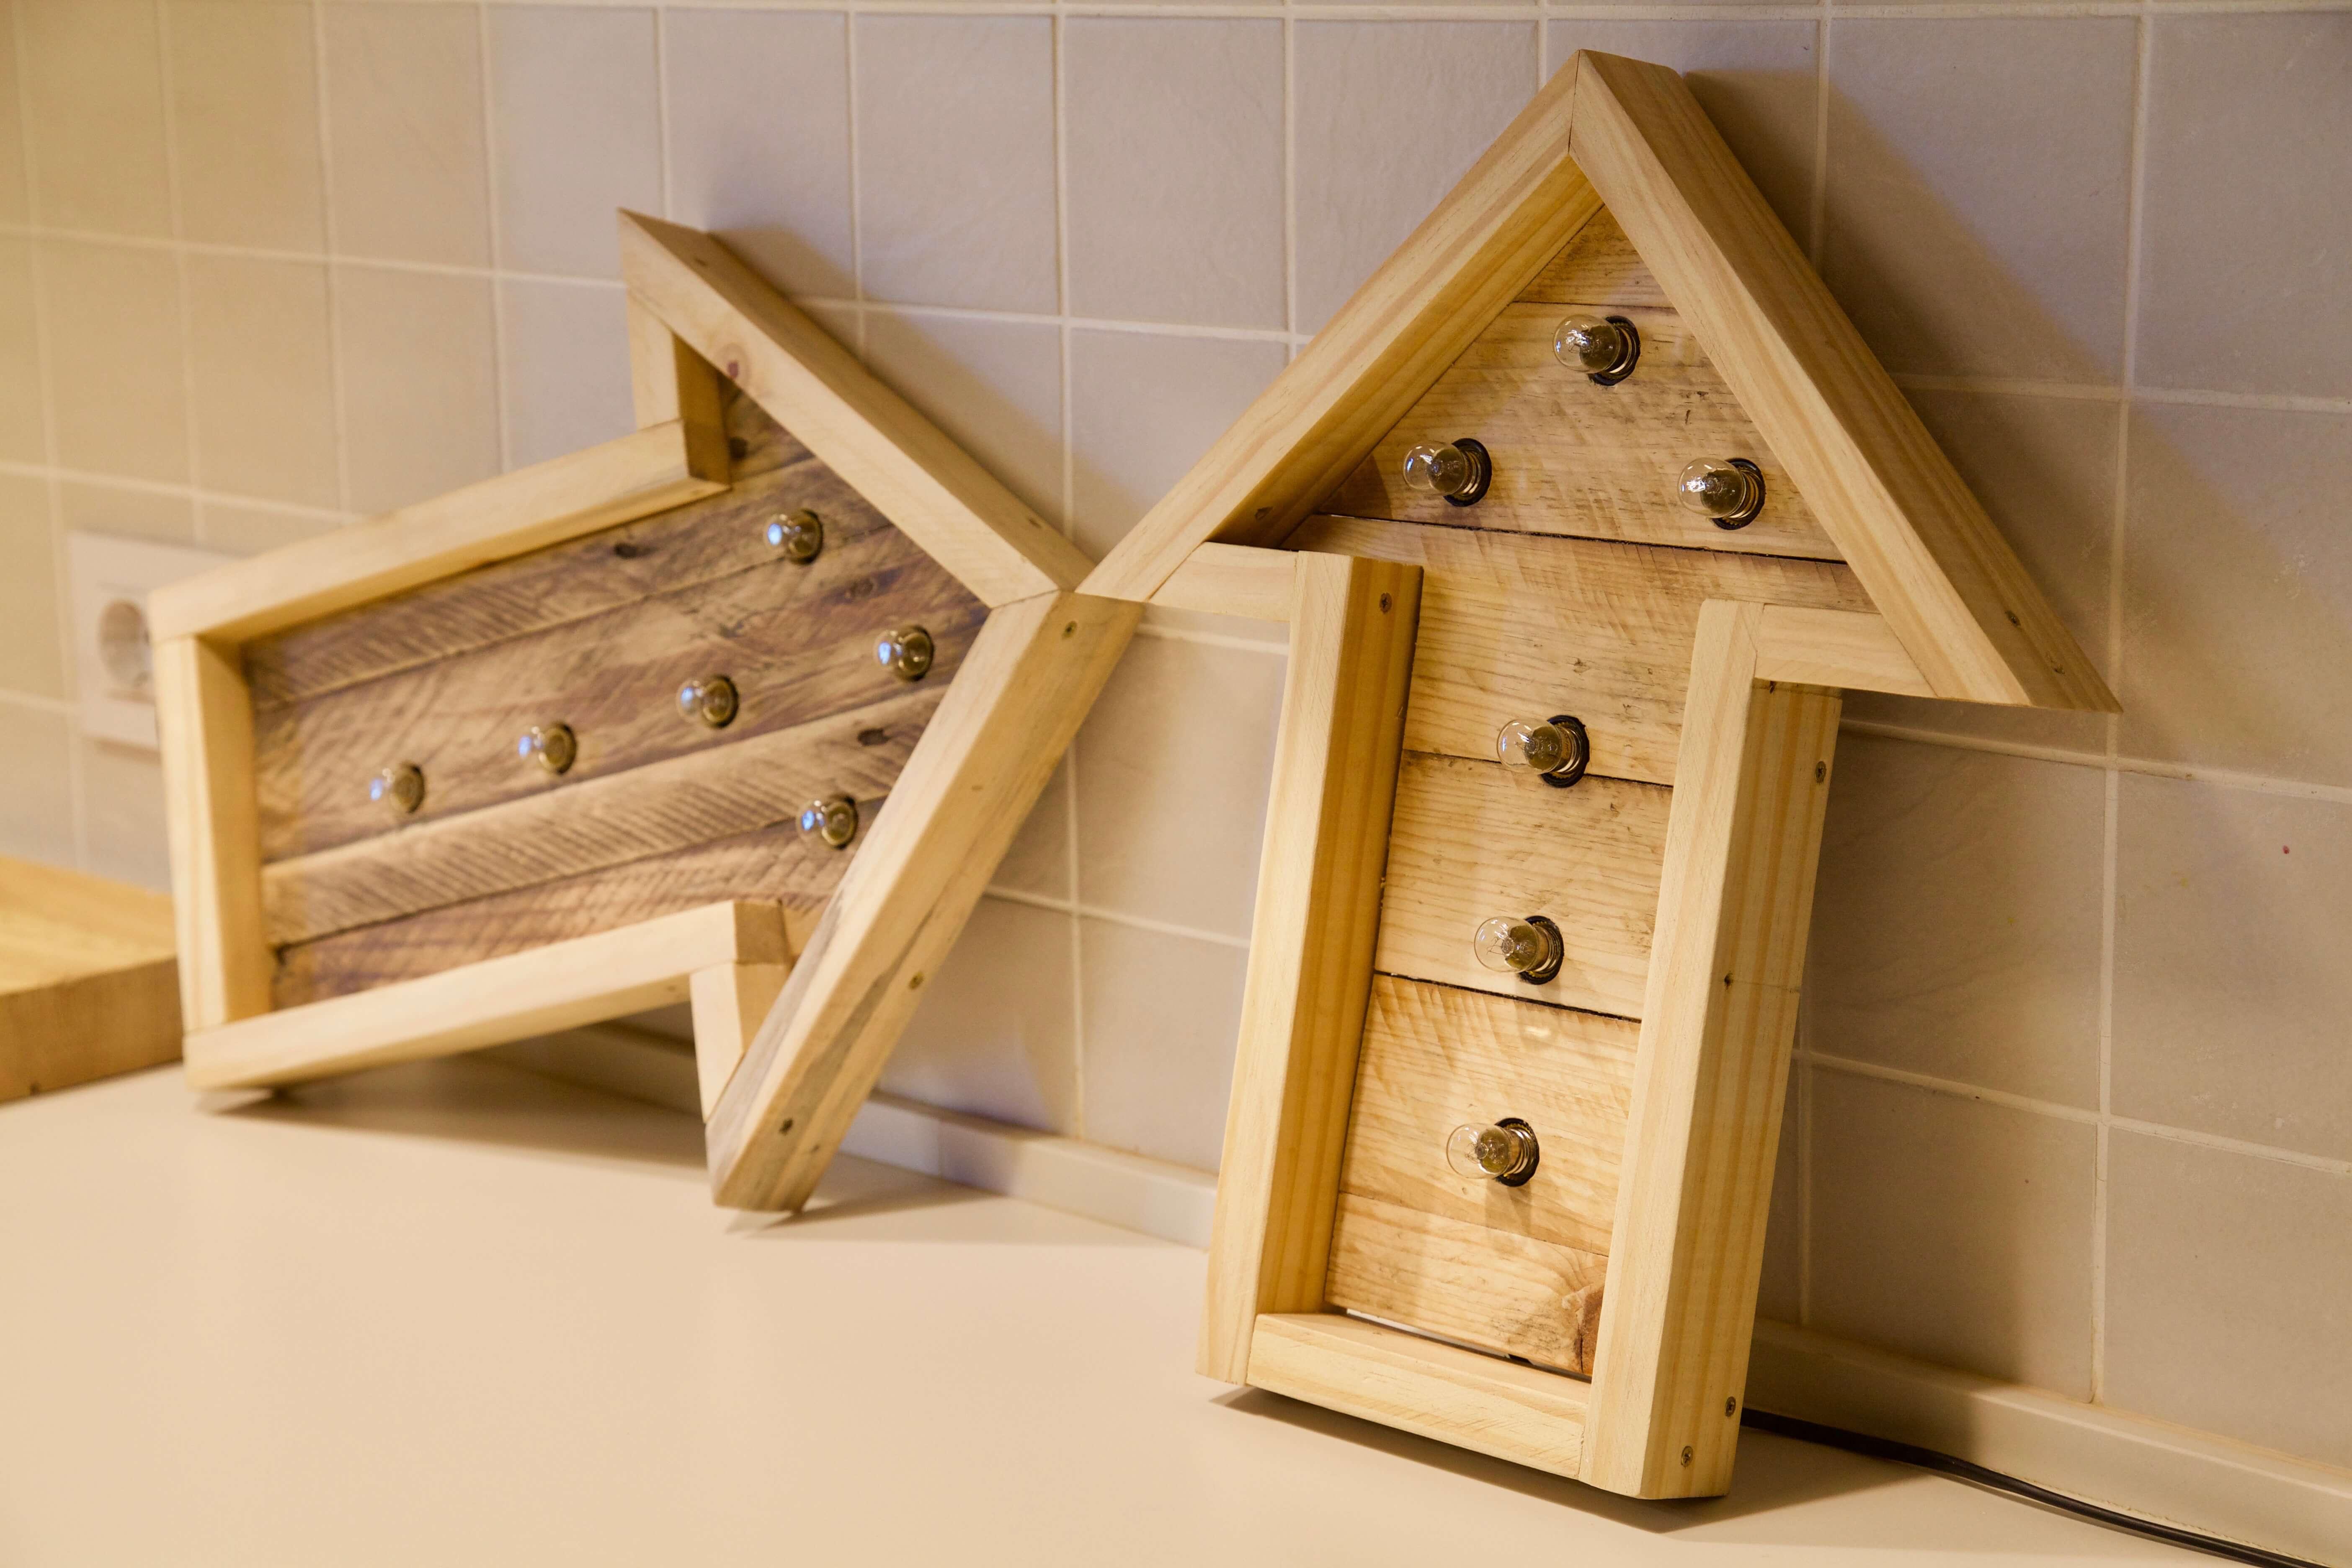 Lamparas con palets lijando la madera de palet para hacer - Estructuras con palets ...